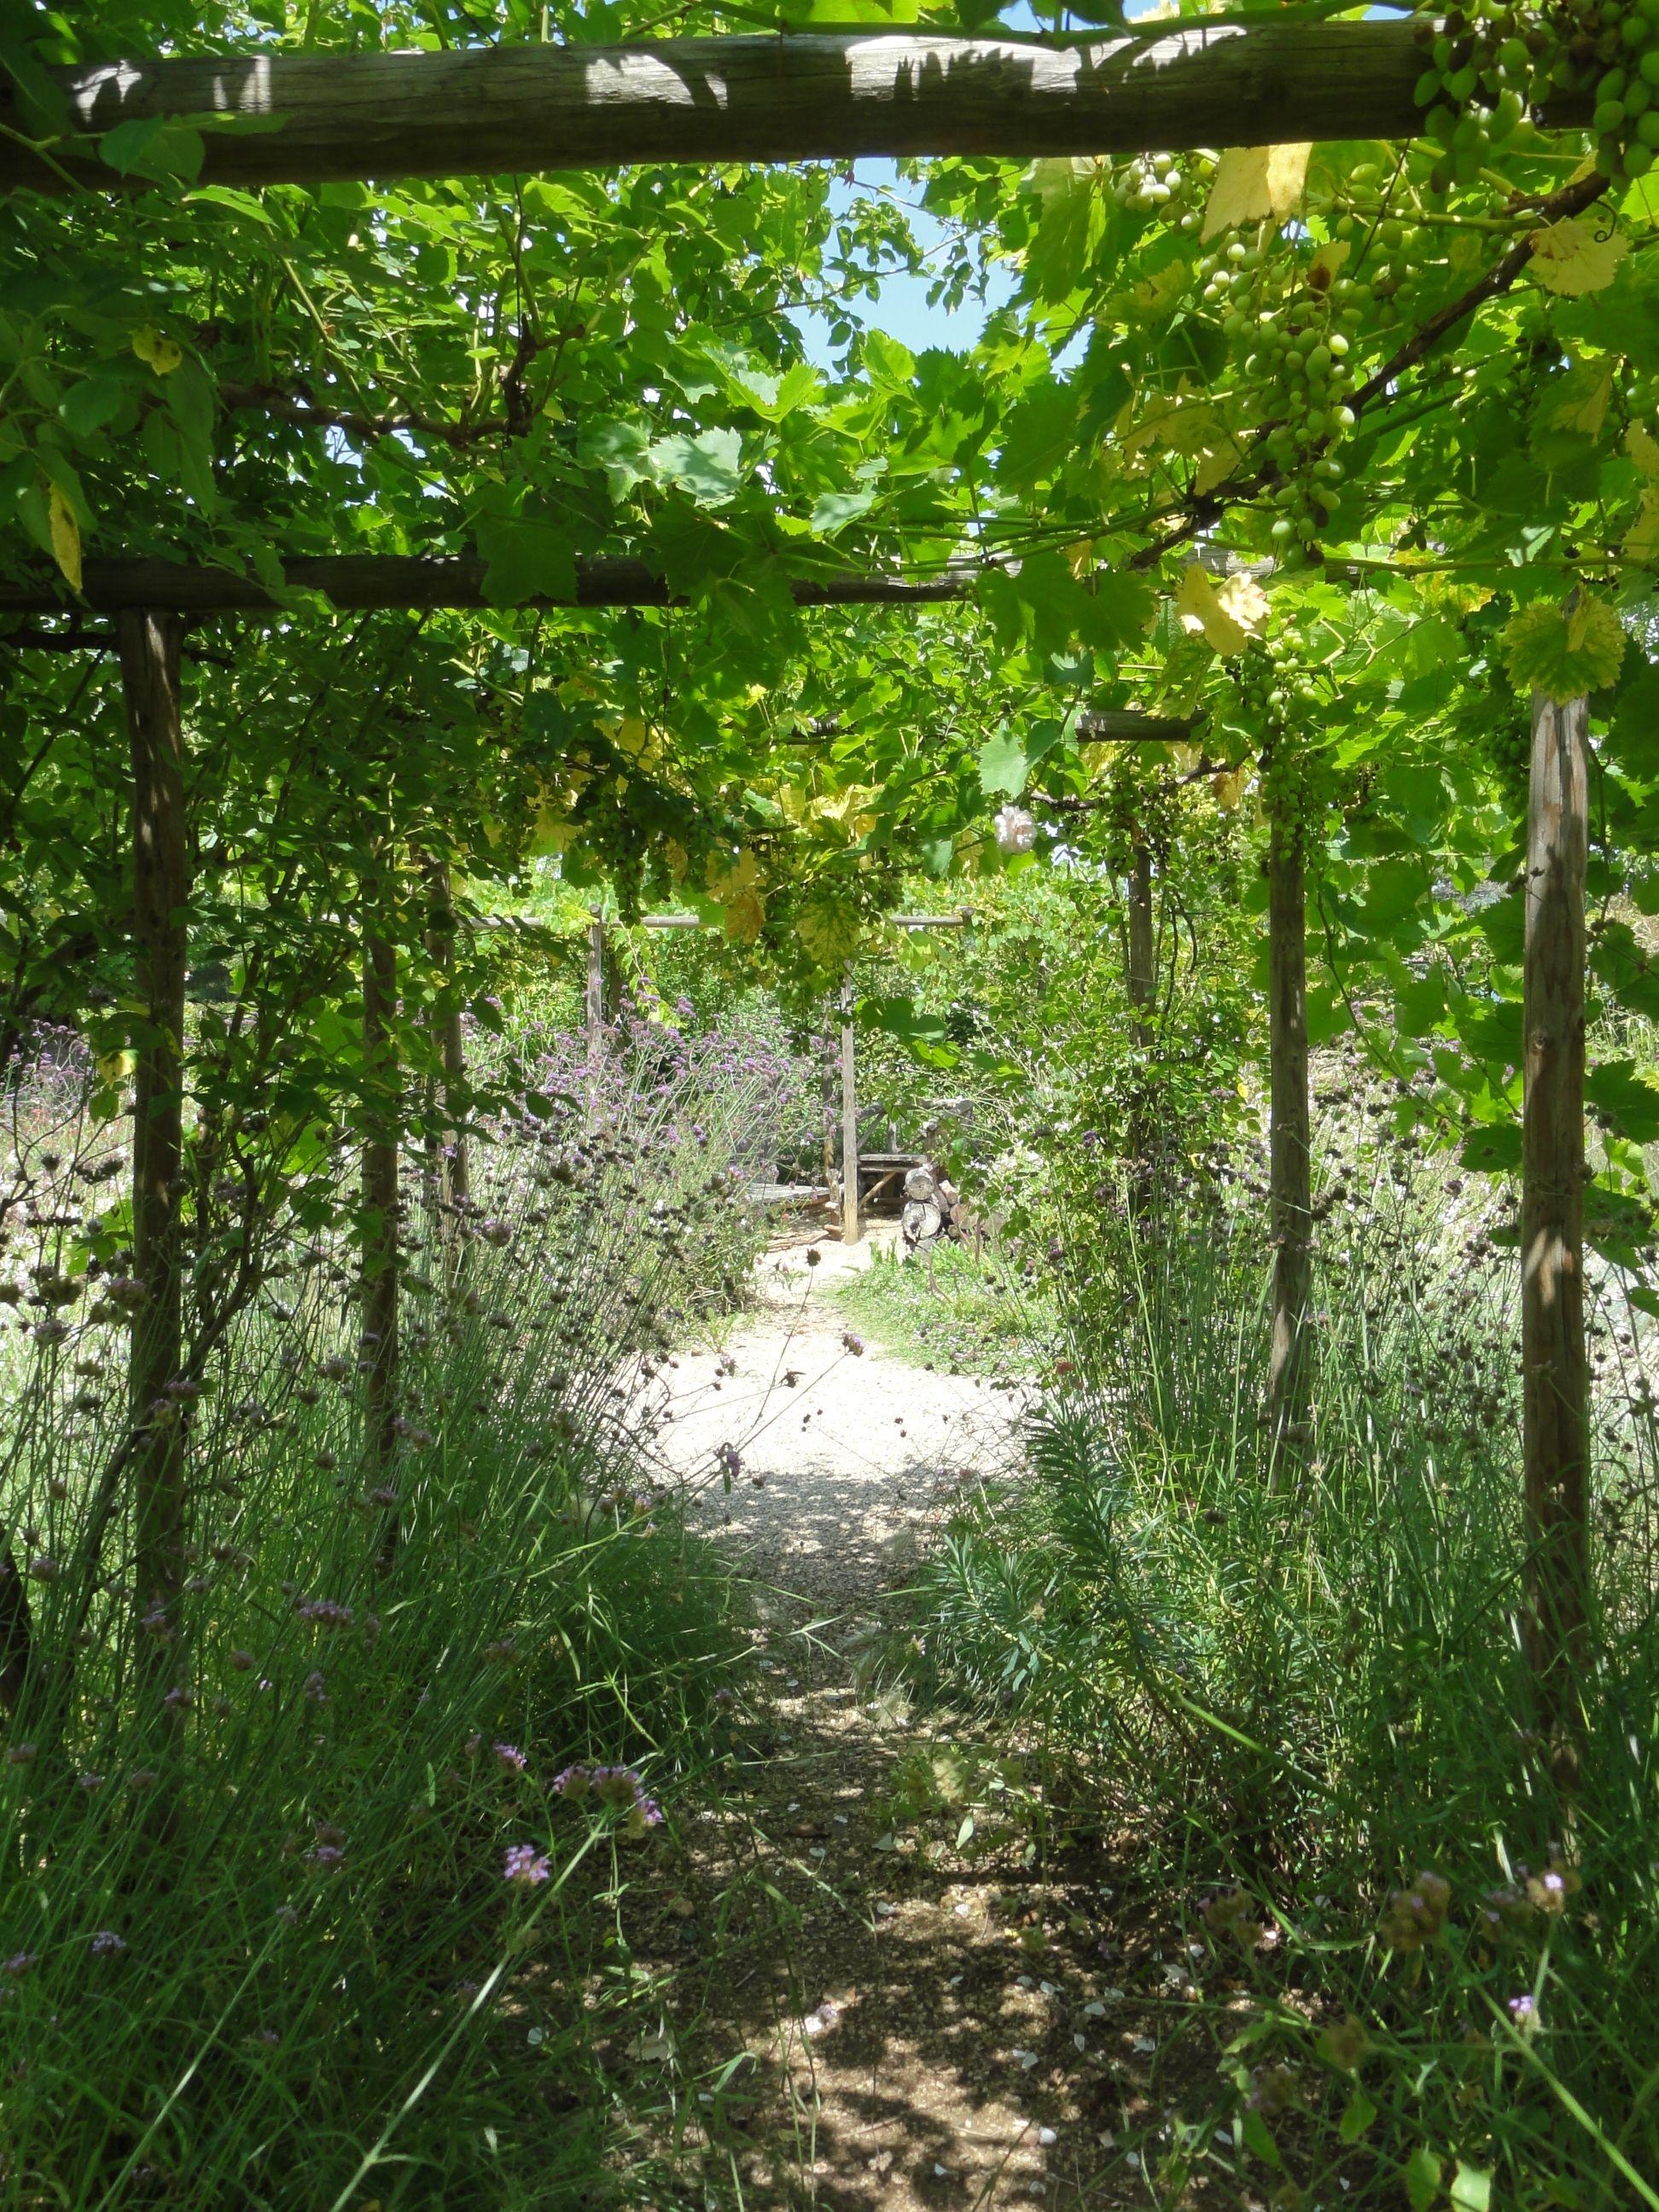 Jardin sec de prayssac lot vigne suspendue vigne jardin for Jardin sec